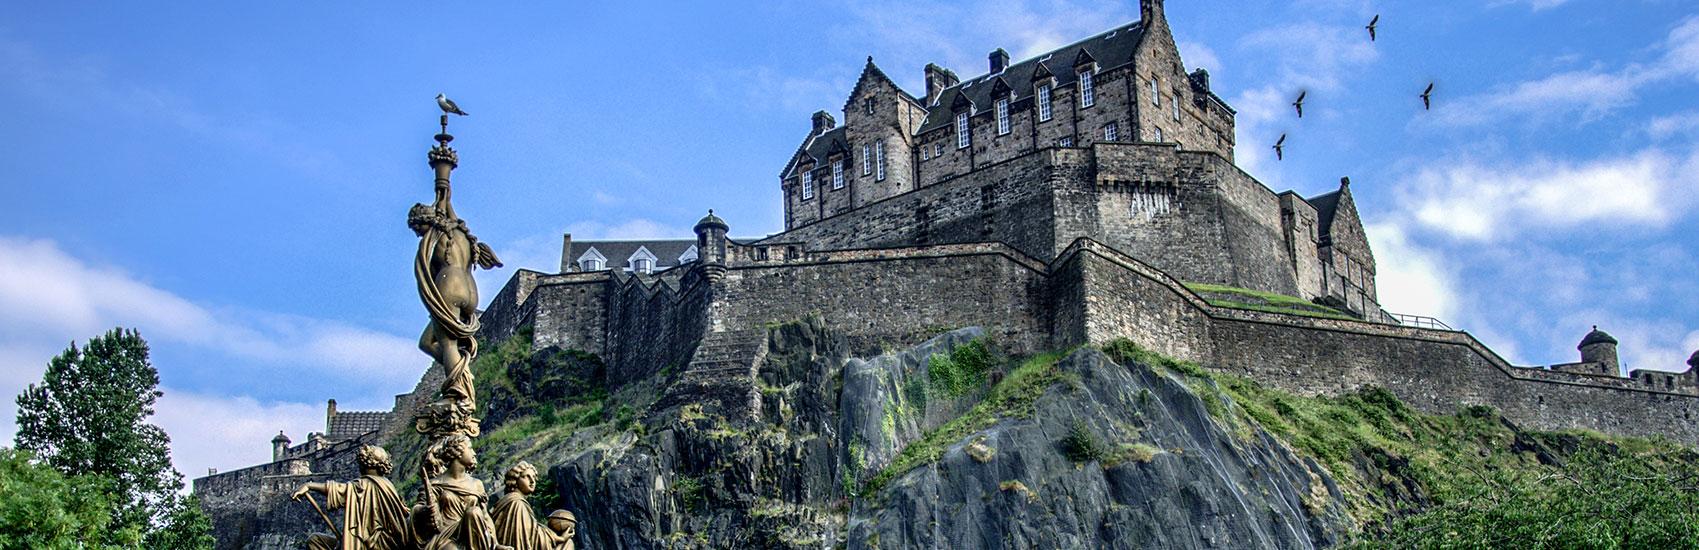 Scotland Outlander 2